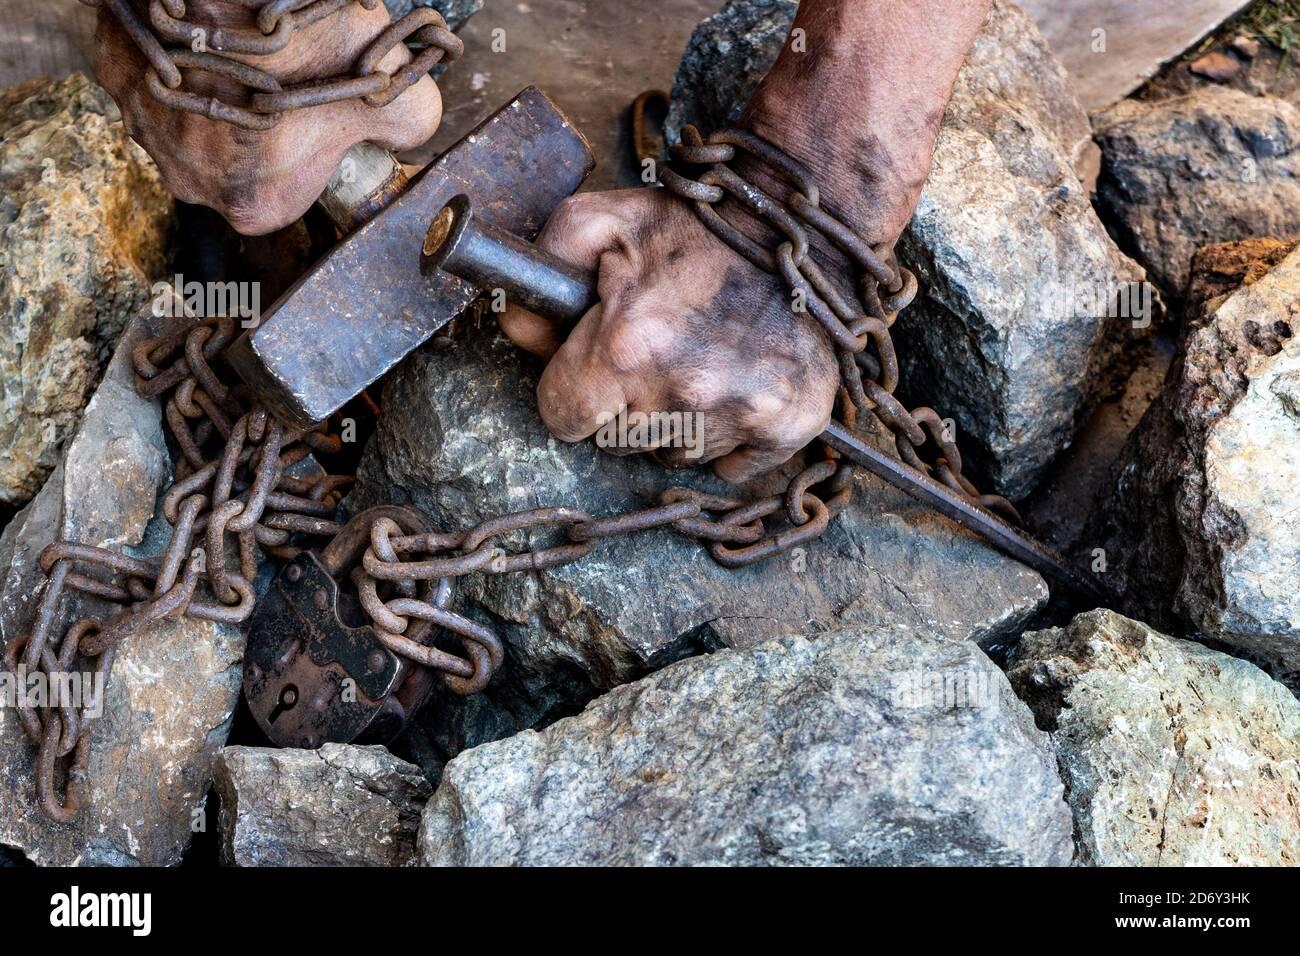 Les mains sales d'un esclave tenant un marteau sont enroulés dans une chaîne rouillée avec un grand cadenas sur un fond de pierres. Banque D'Images